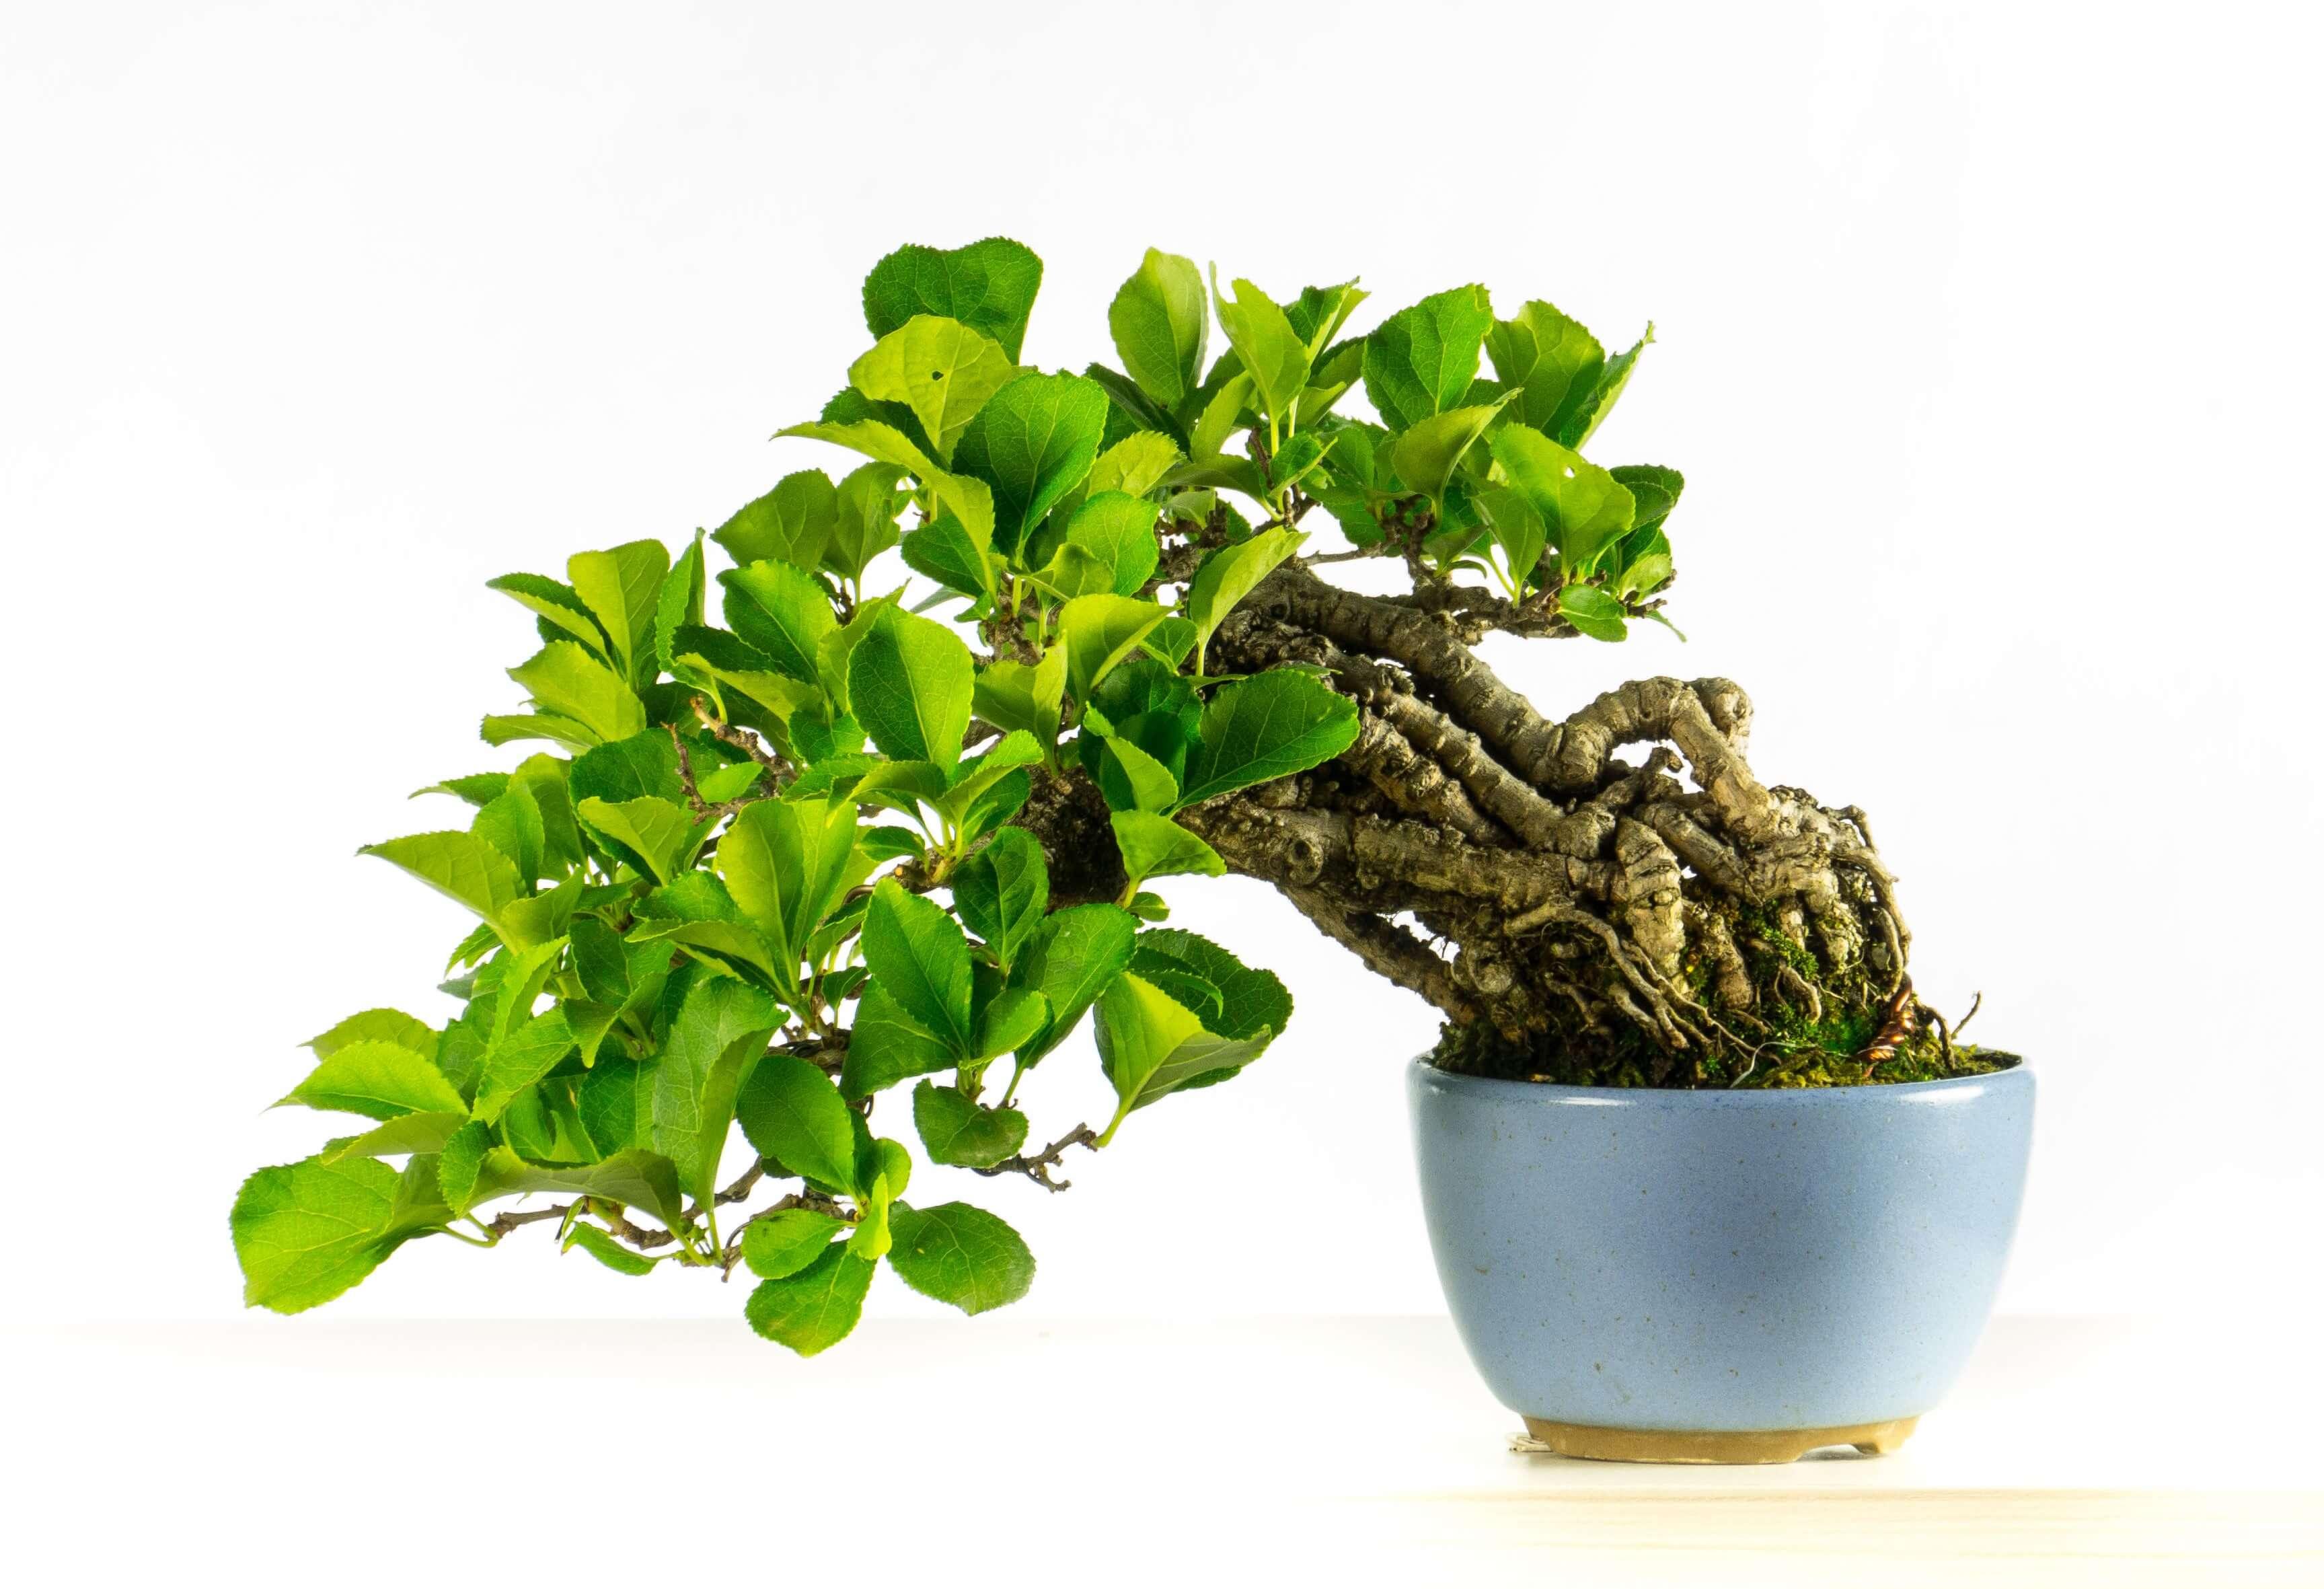 Tienda de bonsais herramientas macetas cultivo para bonsais bonsai sense - Cultivo de bonsai ...